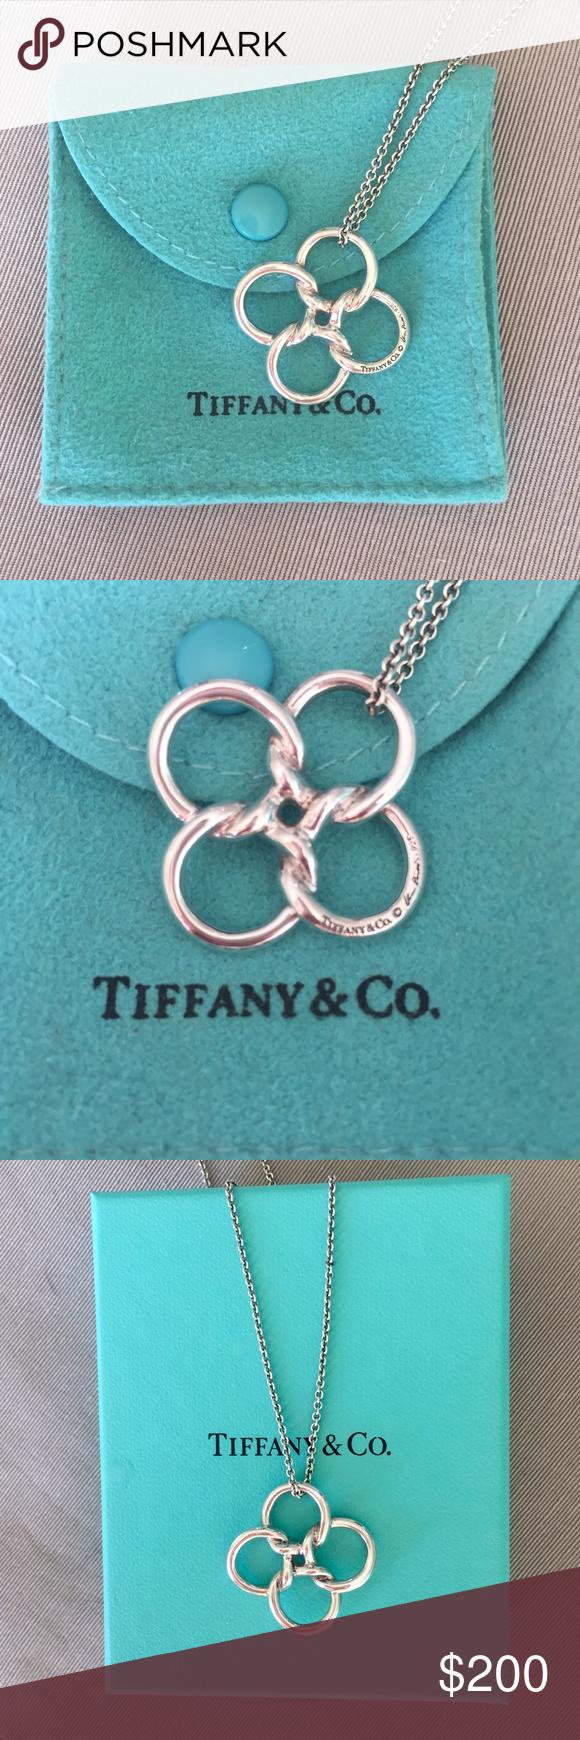 Tiffany co elsa peretti quadrifoglio necklace elsa peretti tiffany co elsa peretti quadrifoglio necklace mozeypictures Gallery